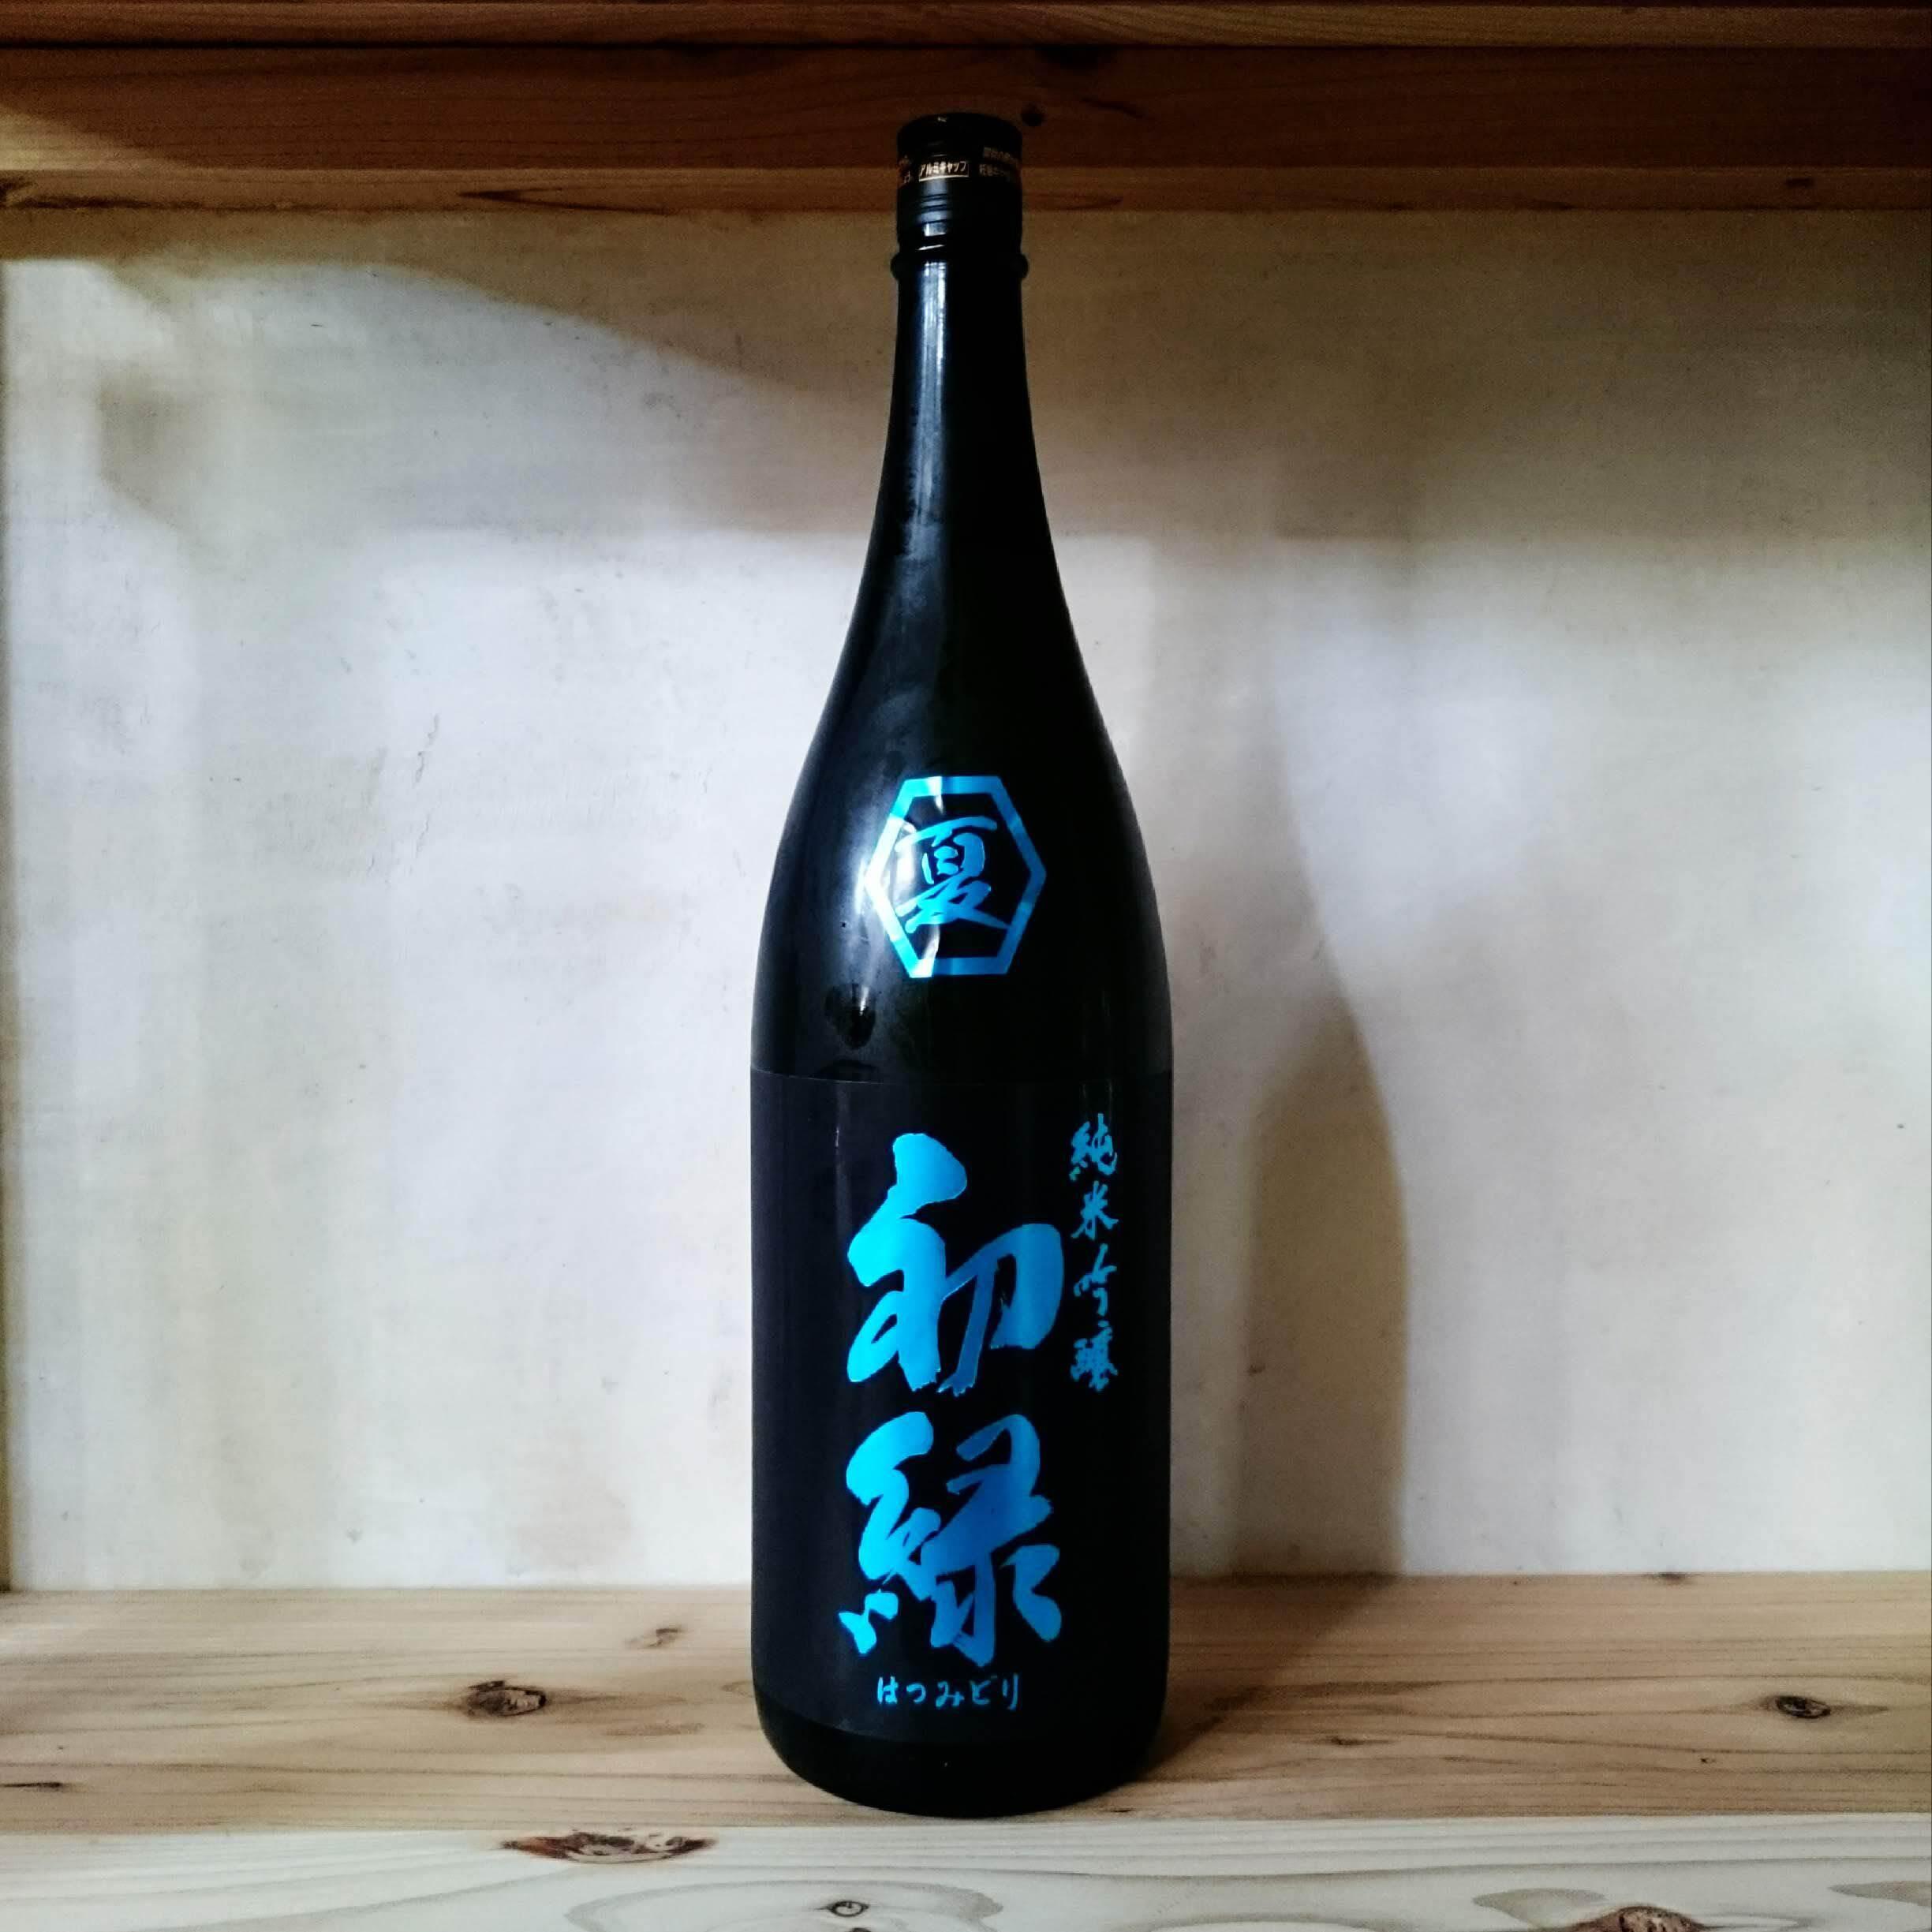 初緑 純米吟醸 夏 1.8L